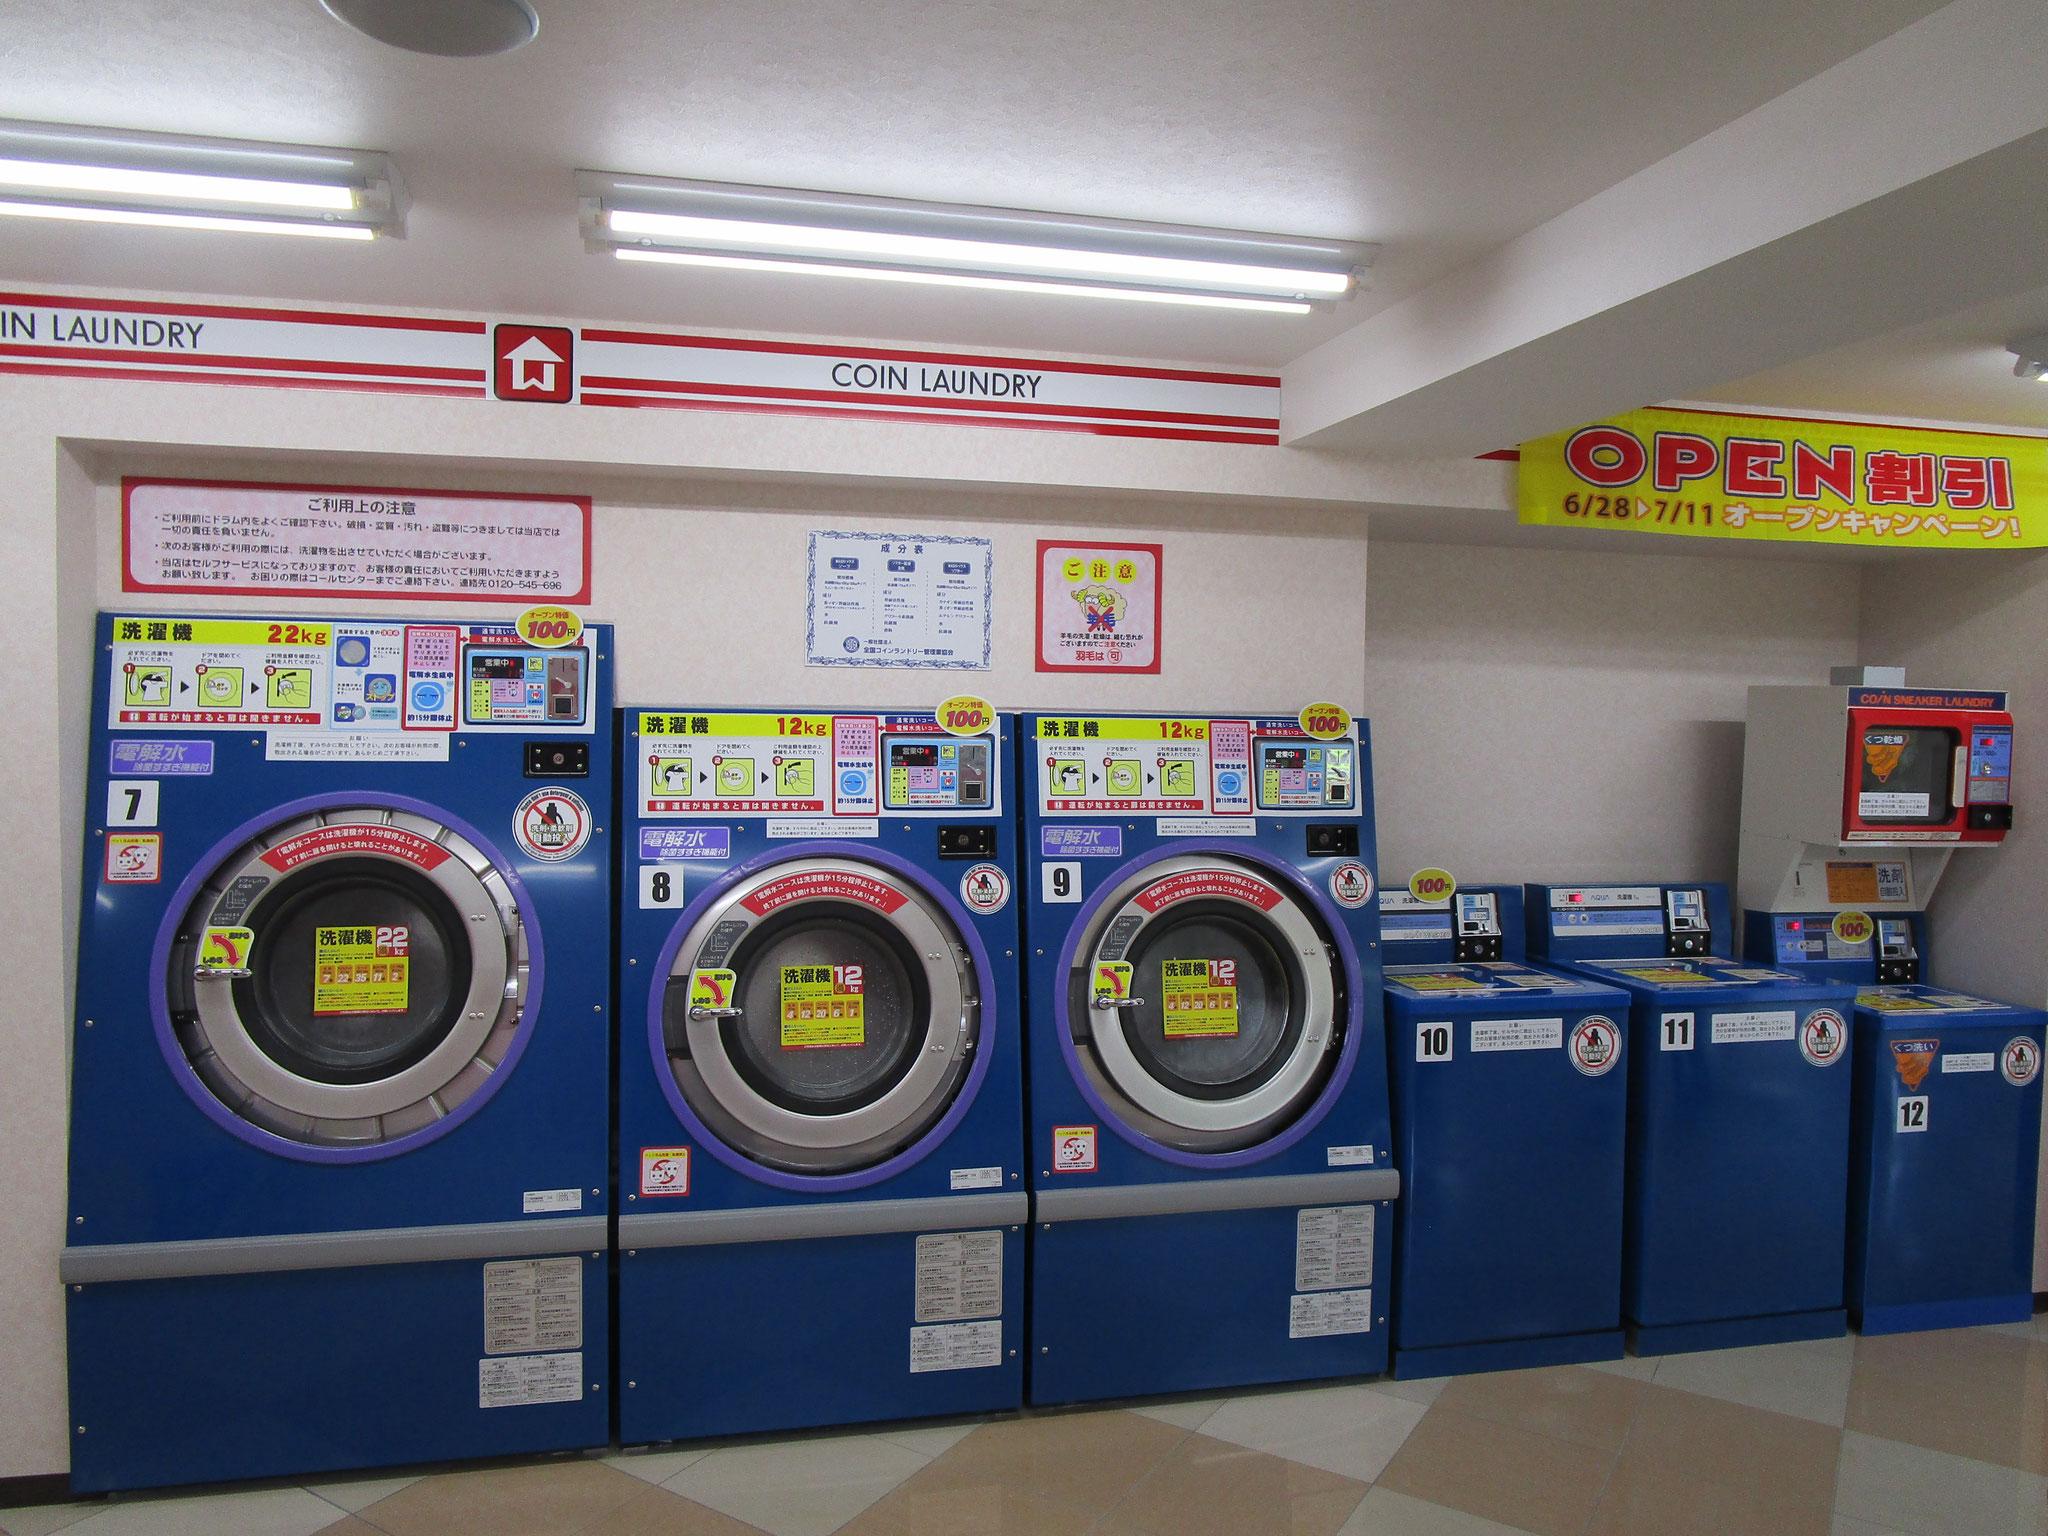 洗濯機は容量に合わせて5台(布団も丸洗いできます)